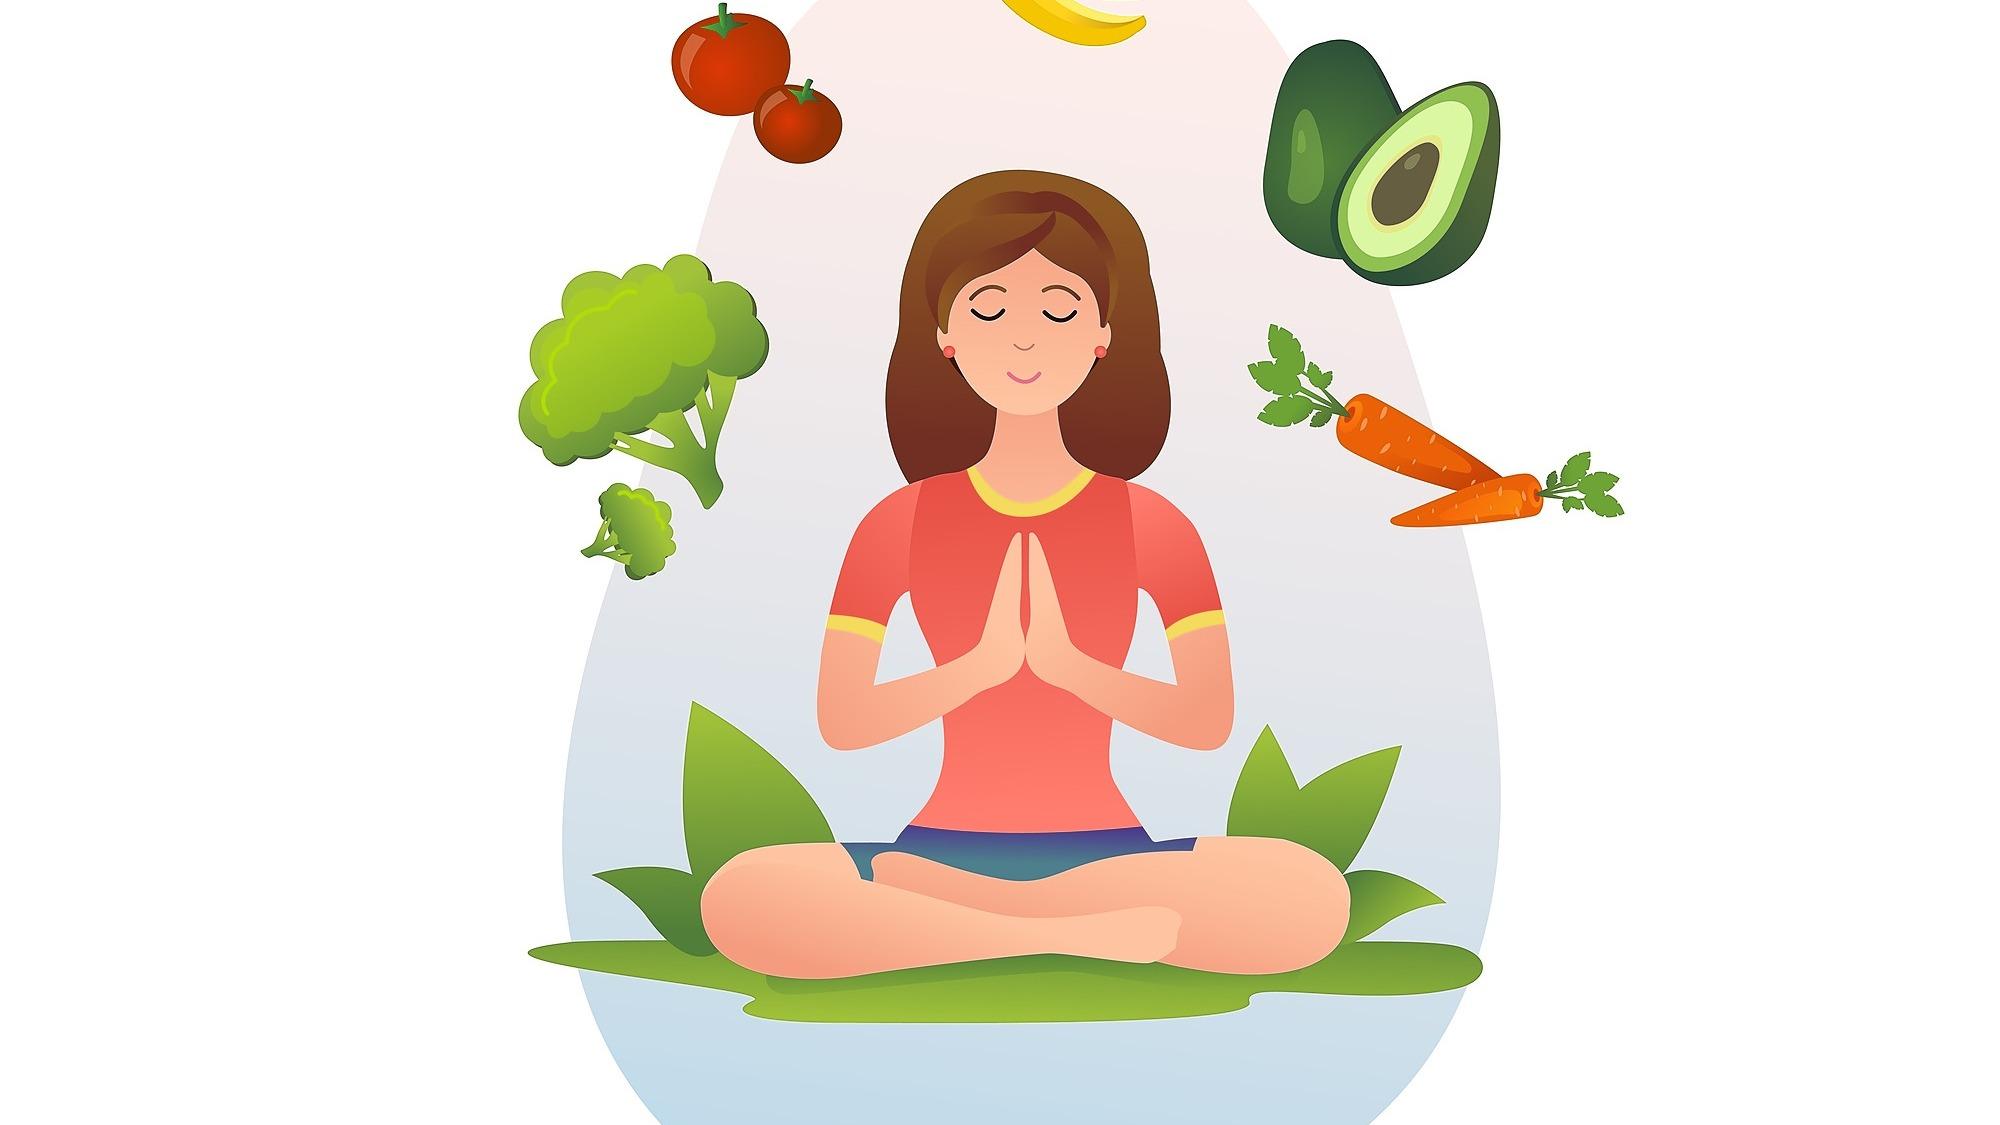 Représentation de la formation : PEC19 - Pleine conscience et alimentation - niveau 2